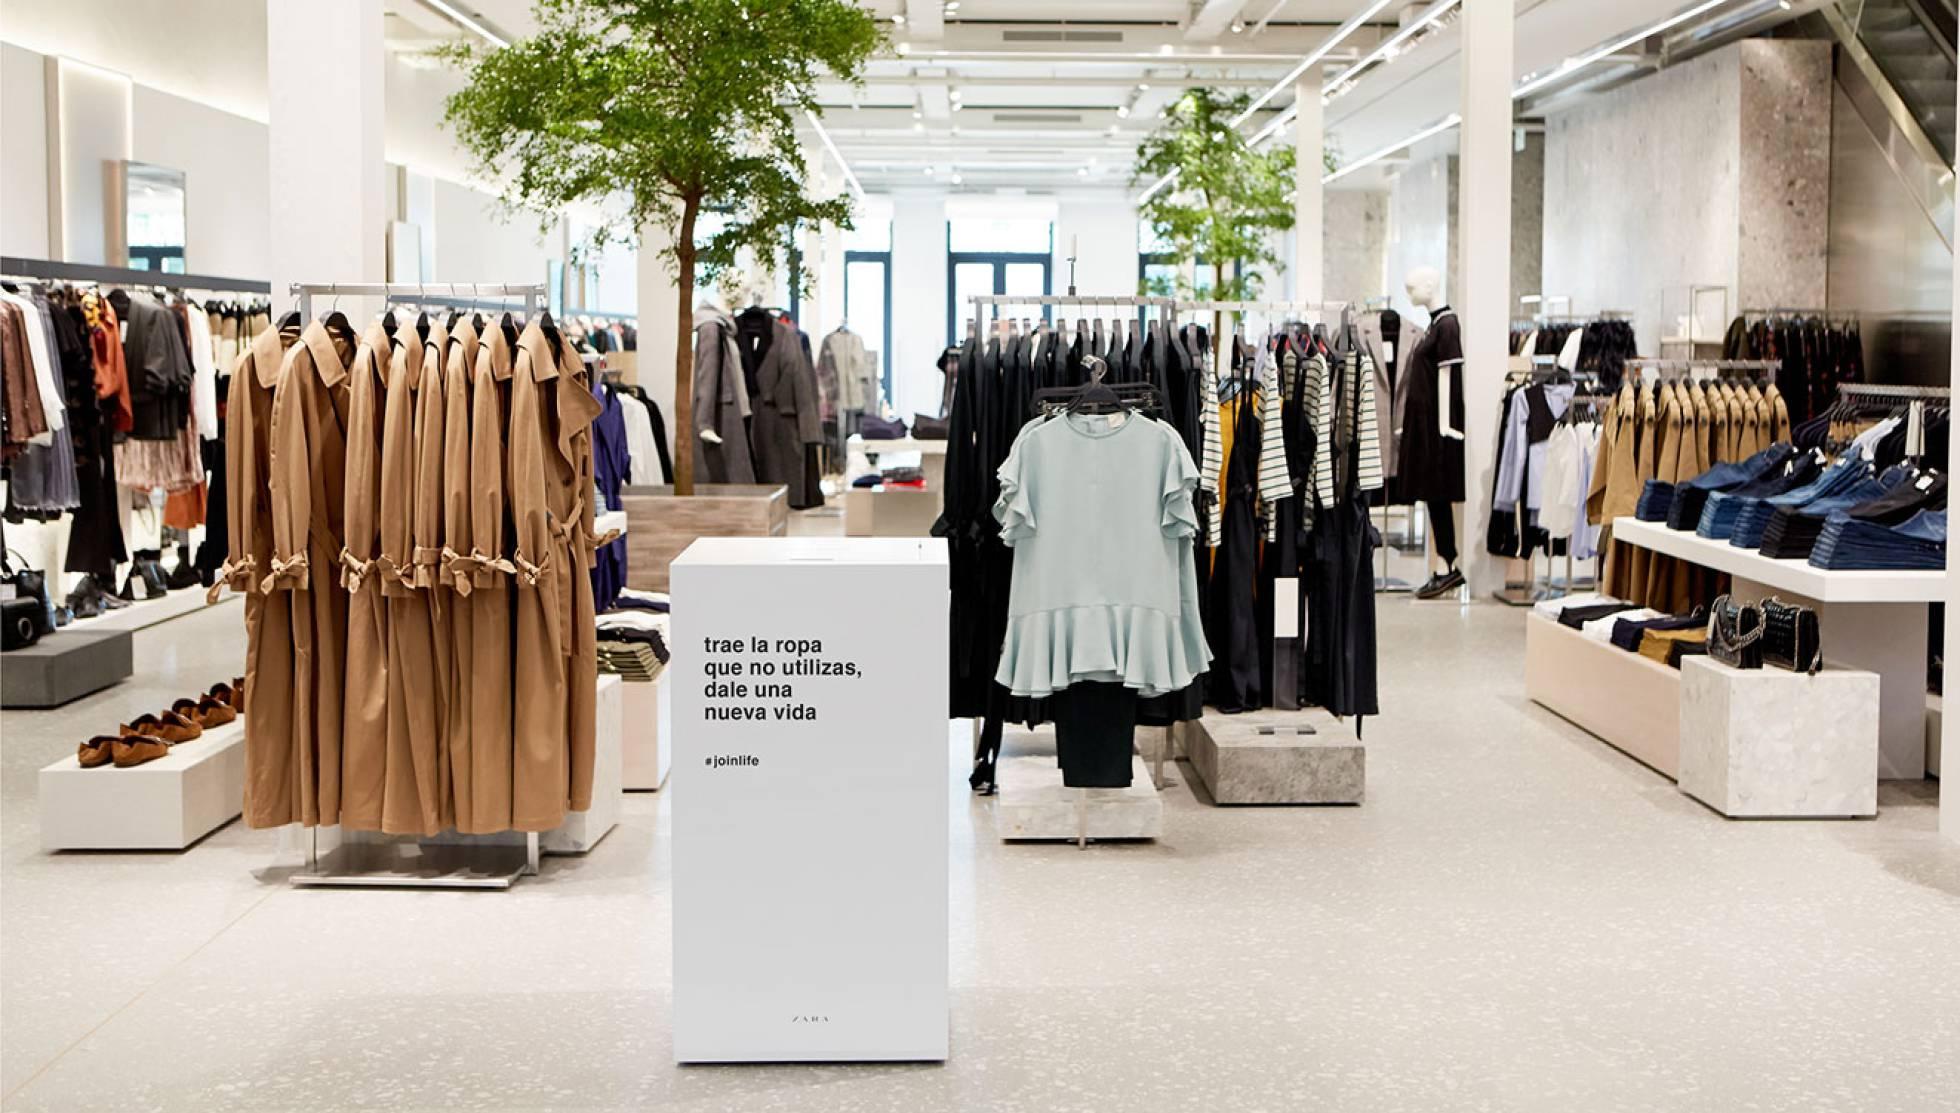 Proyecto Join life de Zara